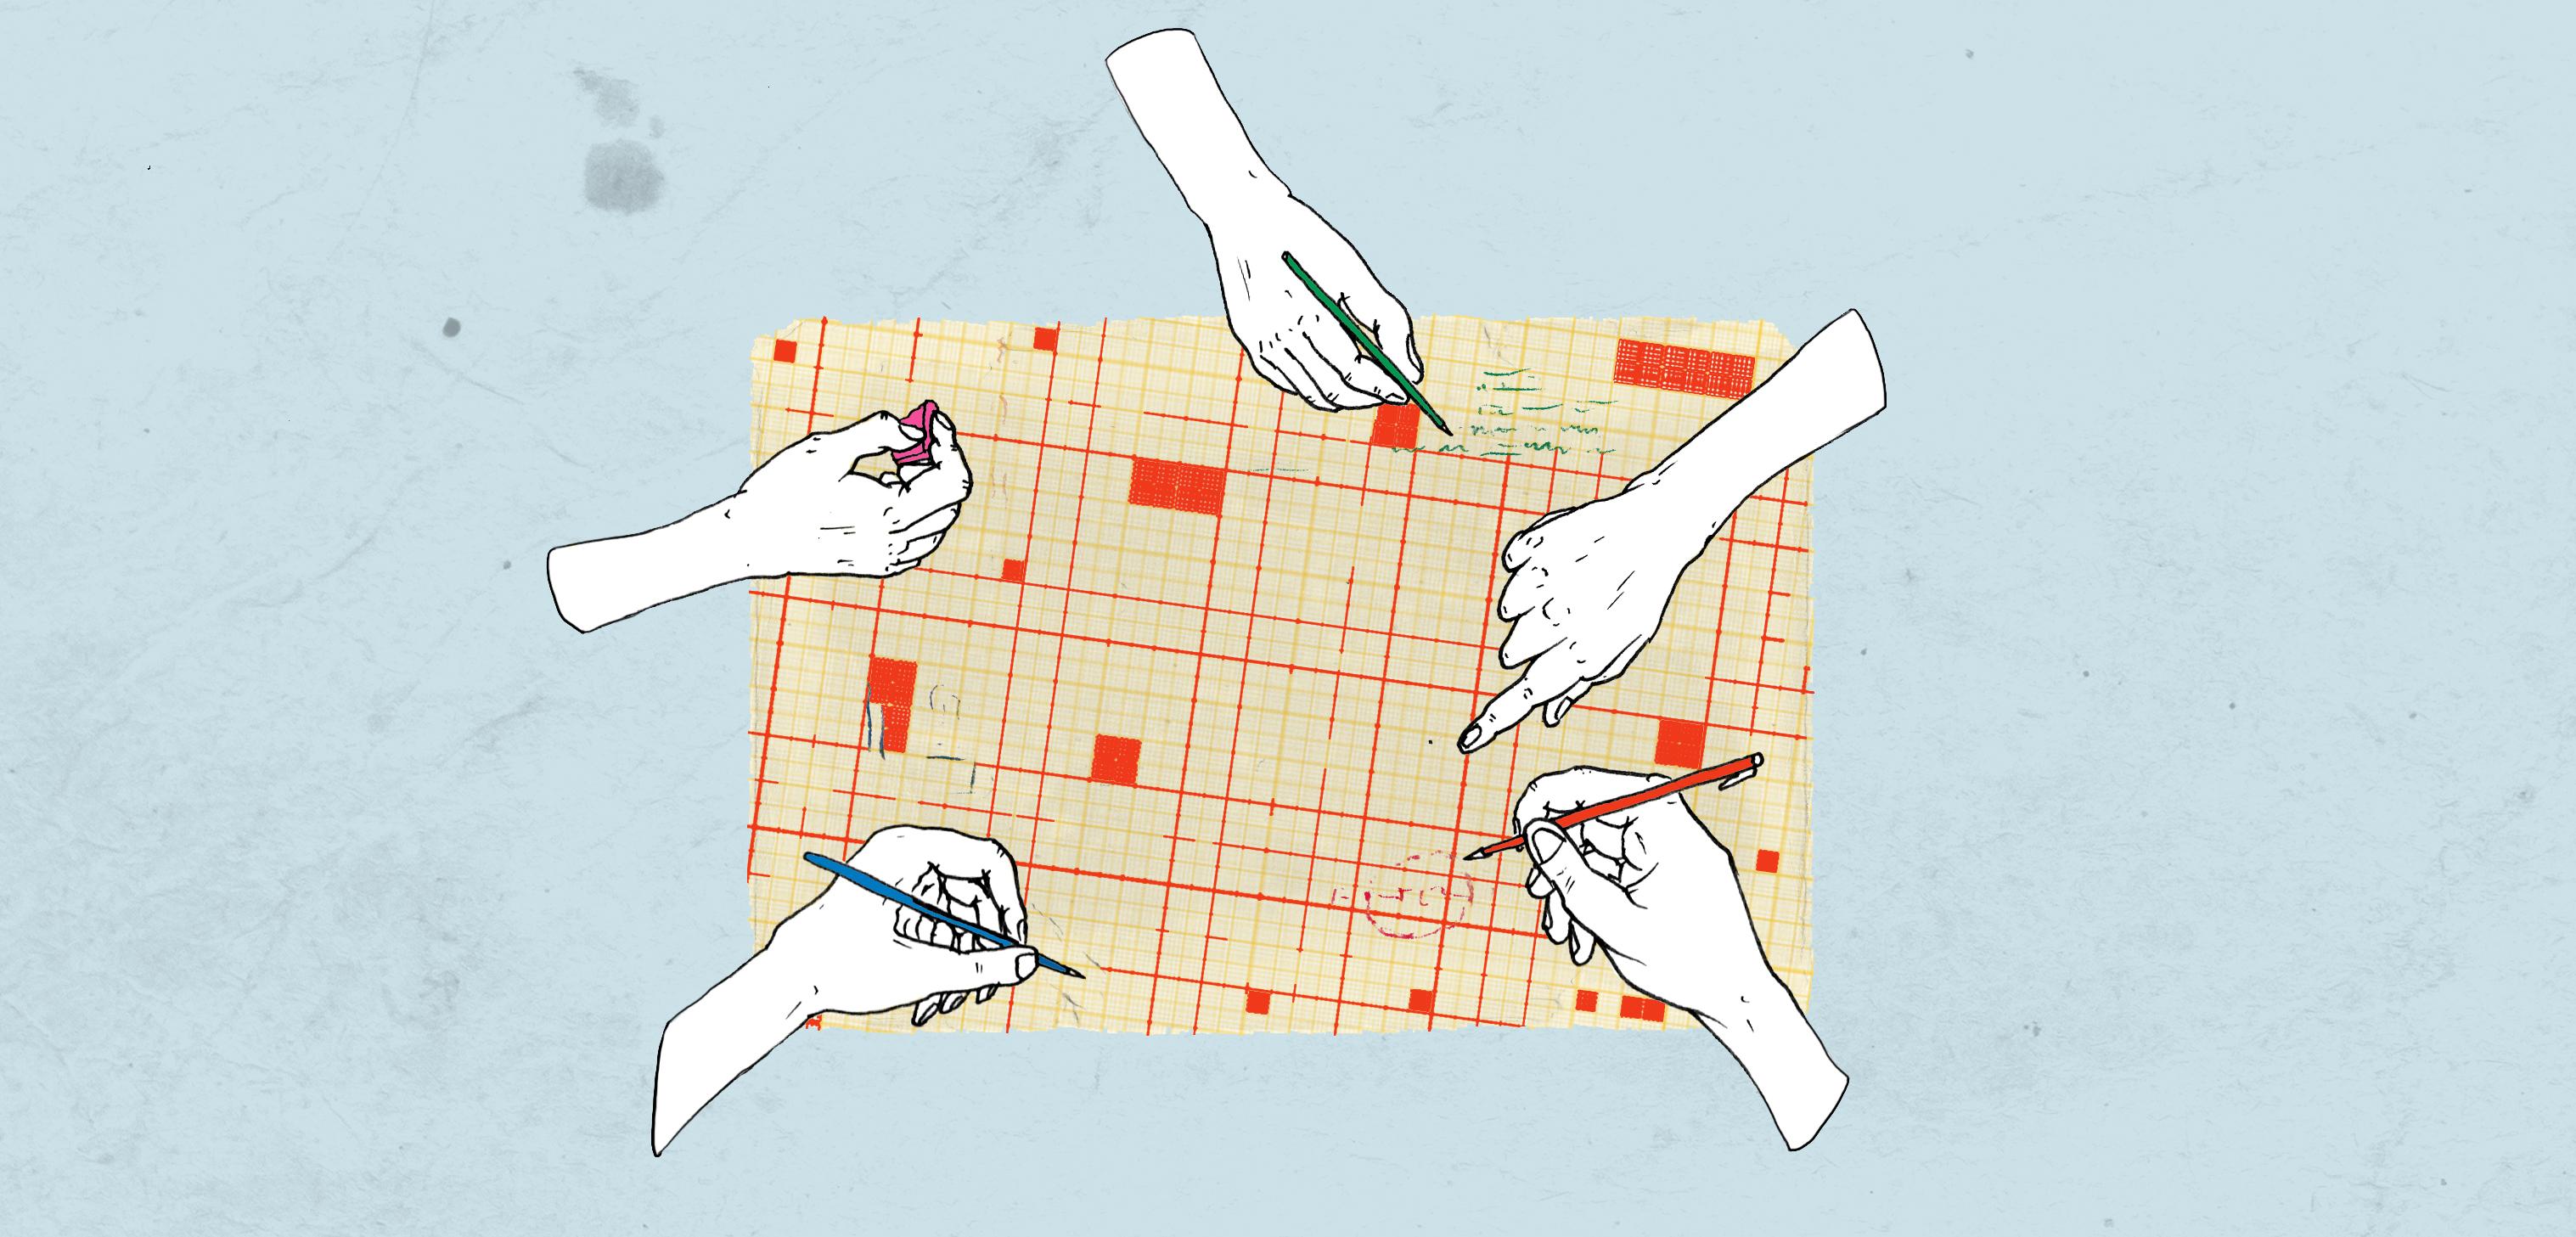 Illustratie van 5 handen die samenwerken op een paper